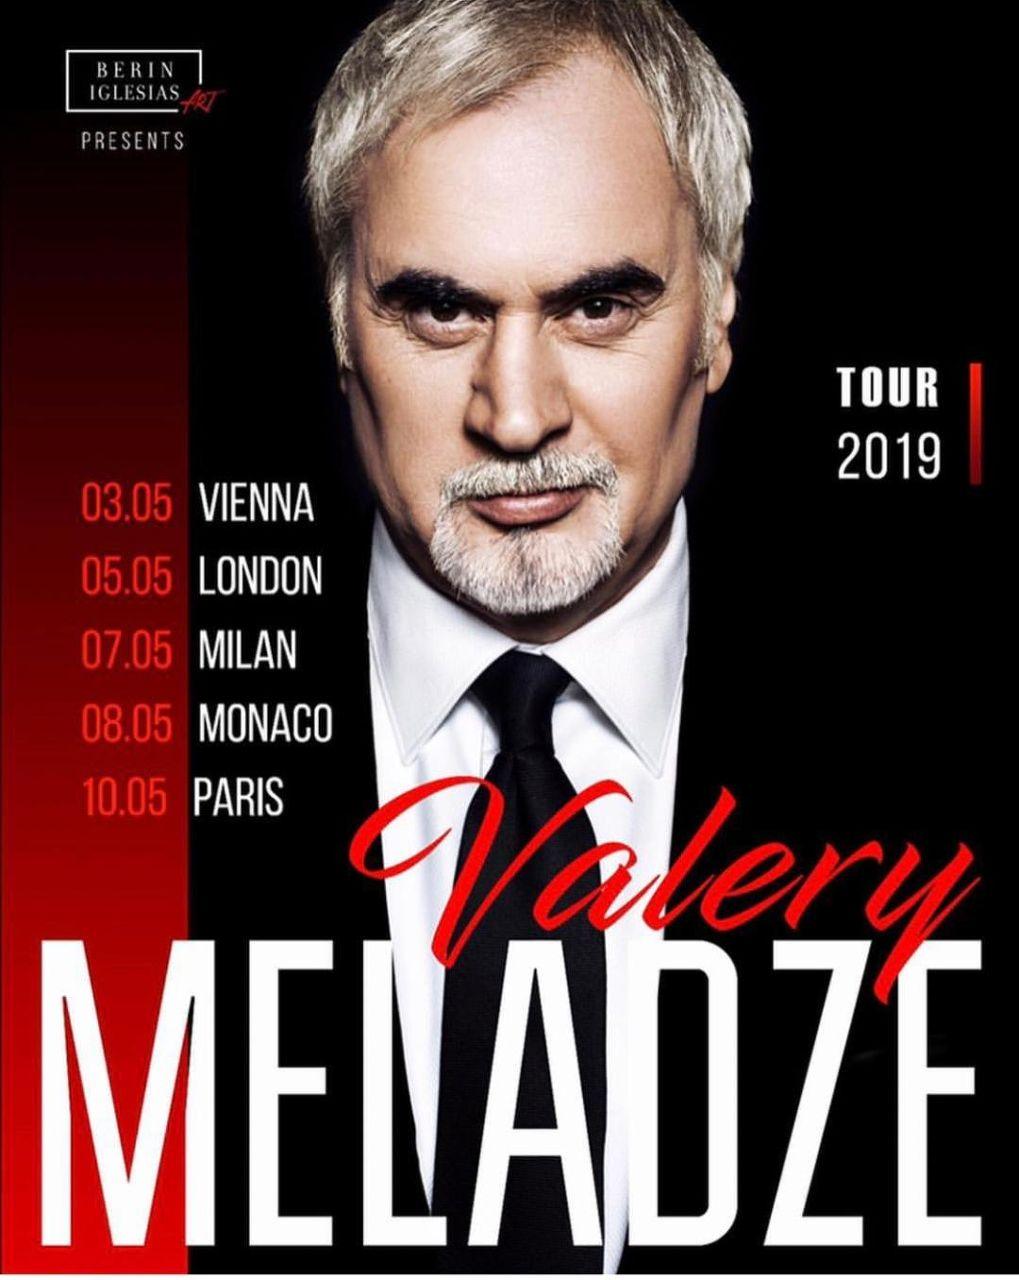 Valery Meladze